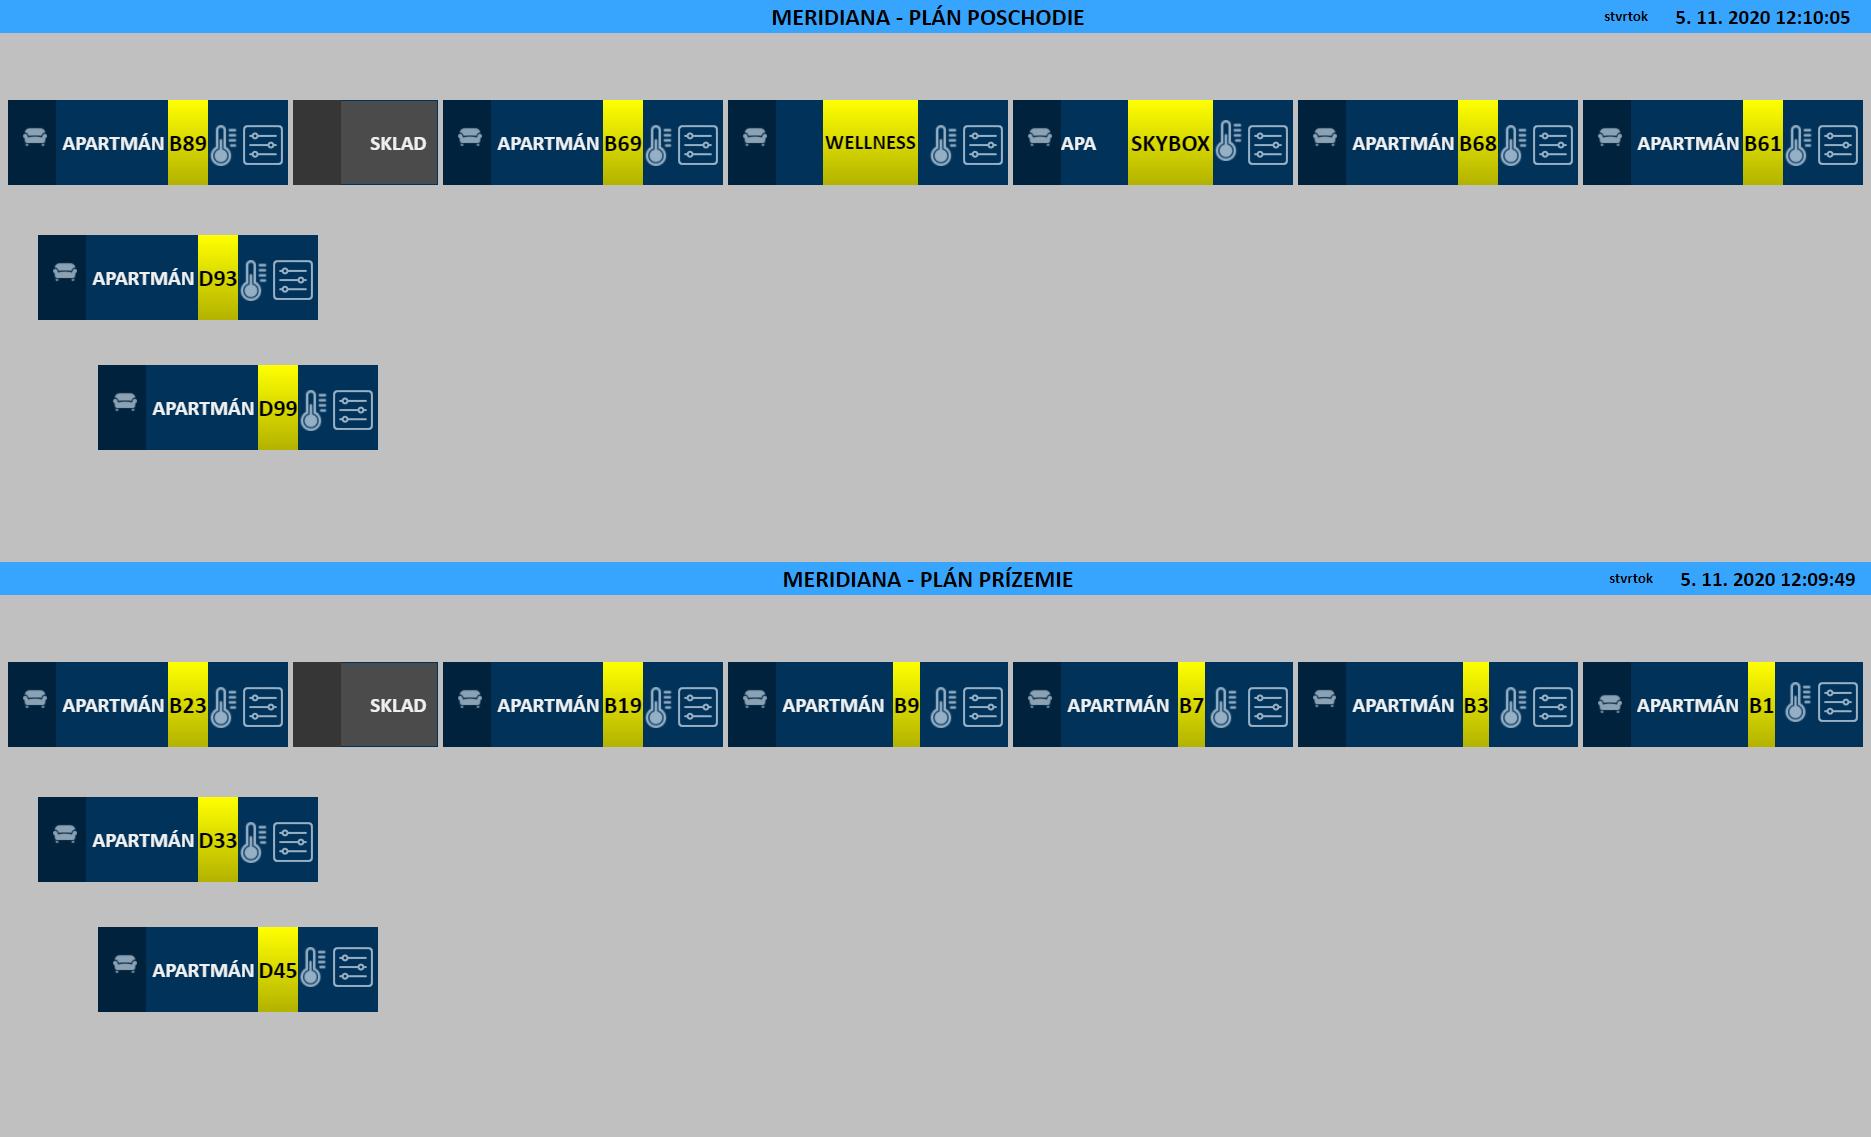 webové rozhranie - situačný plán apartmánov